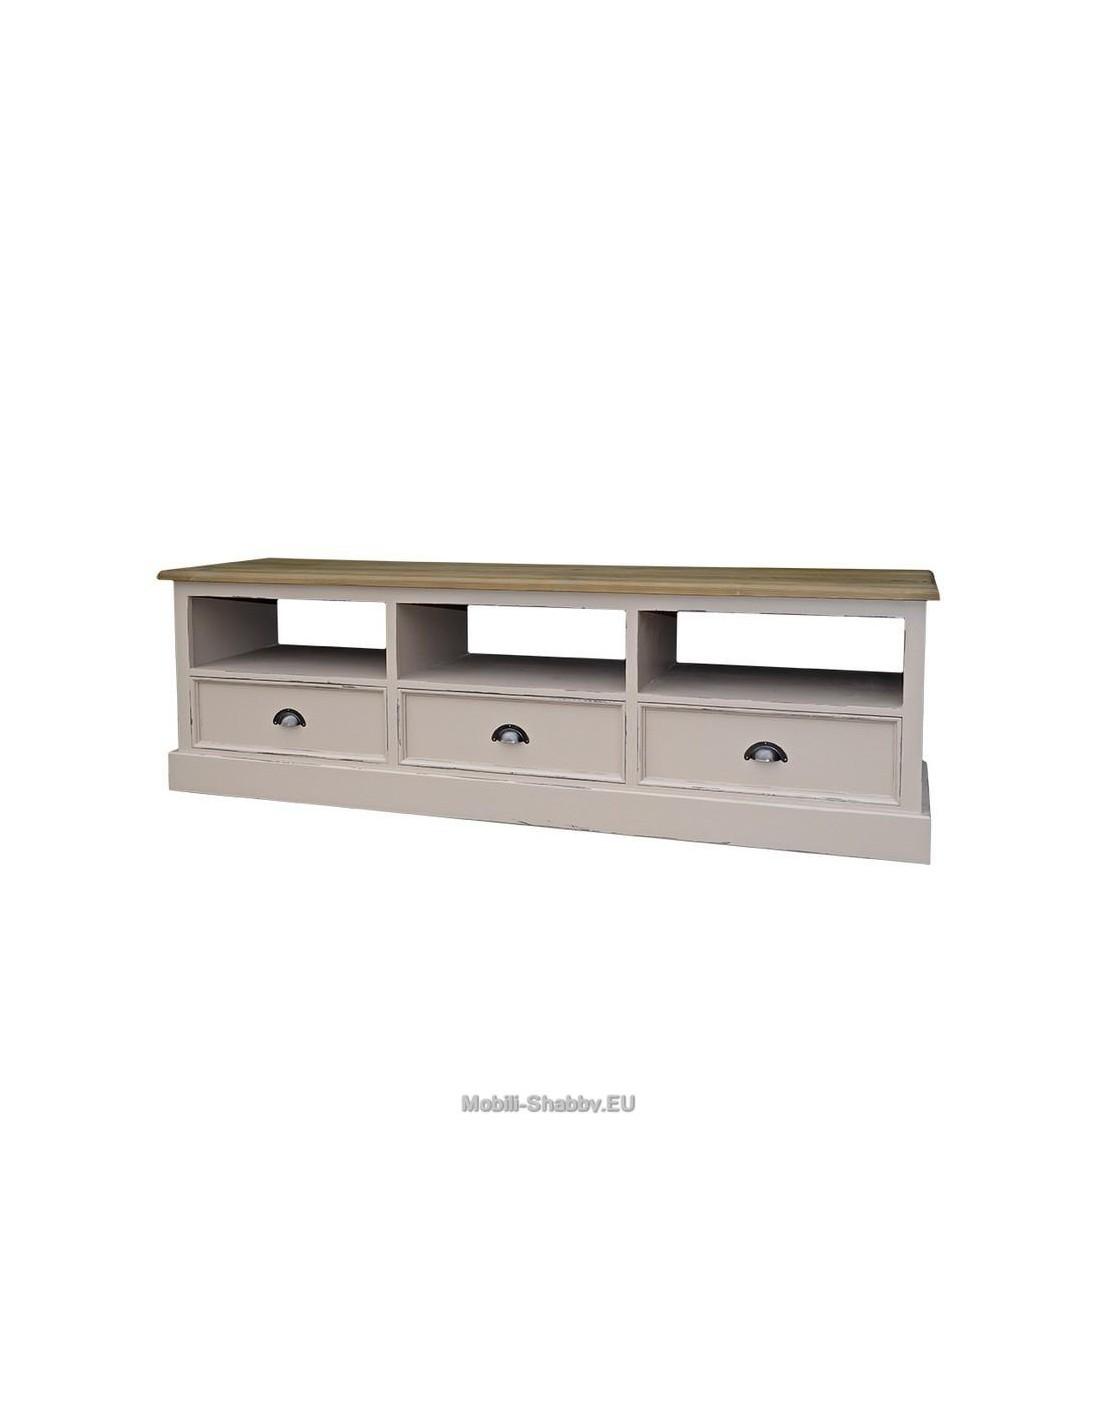 Credenza porta TV legno massello colorata MS106 - Mobili-Shabby.EU ...